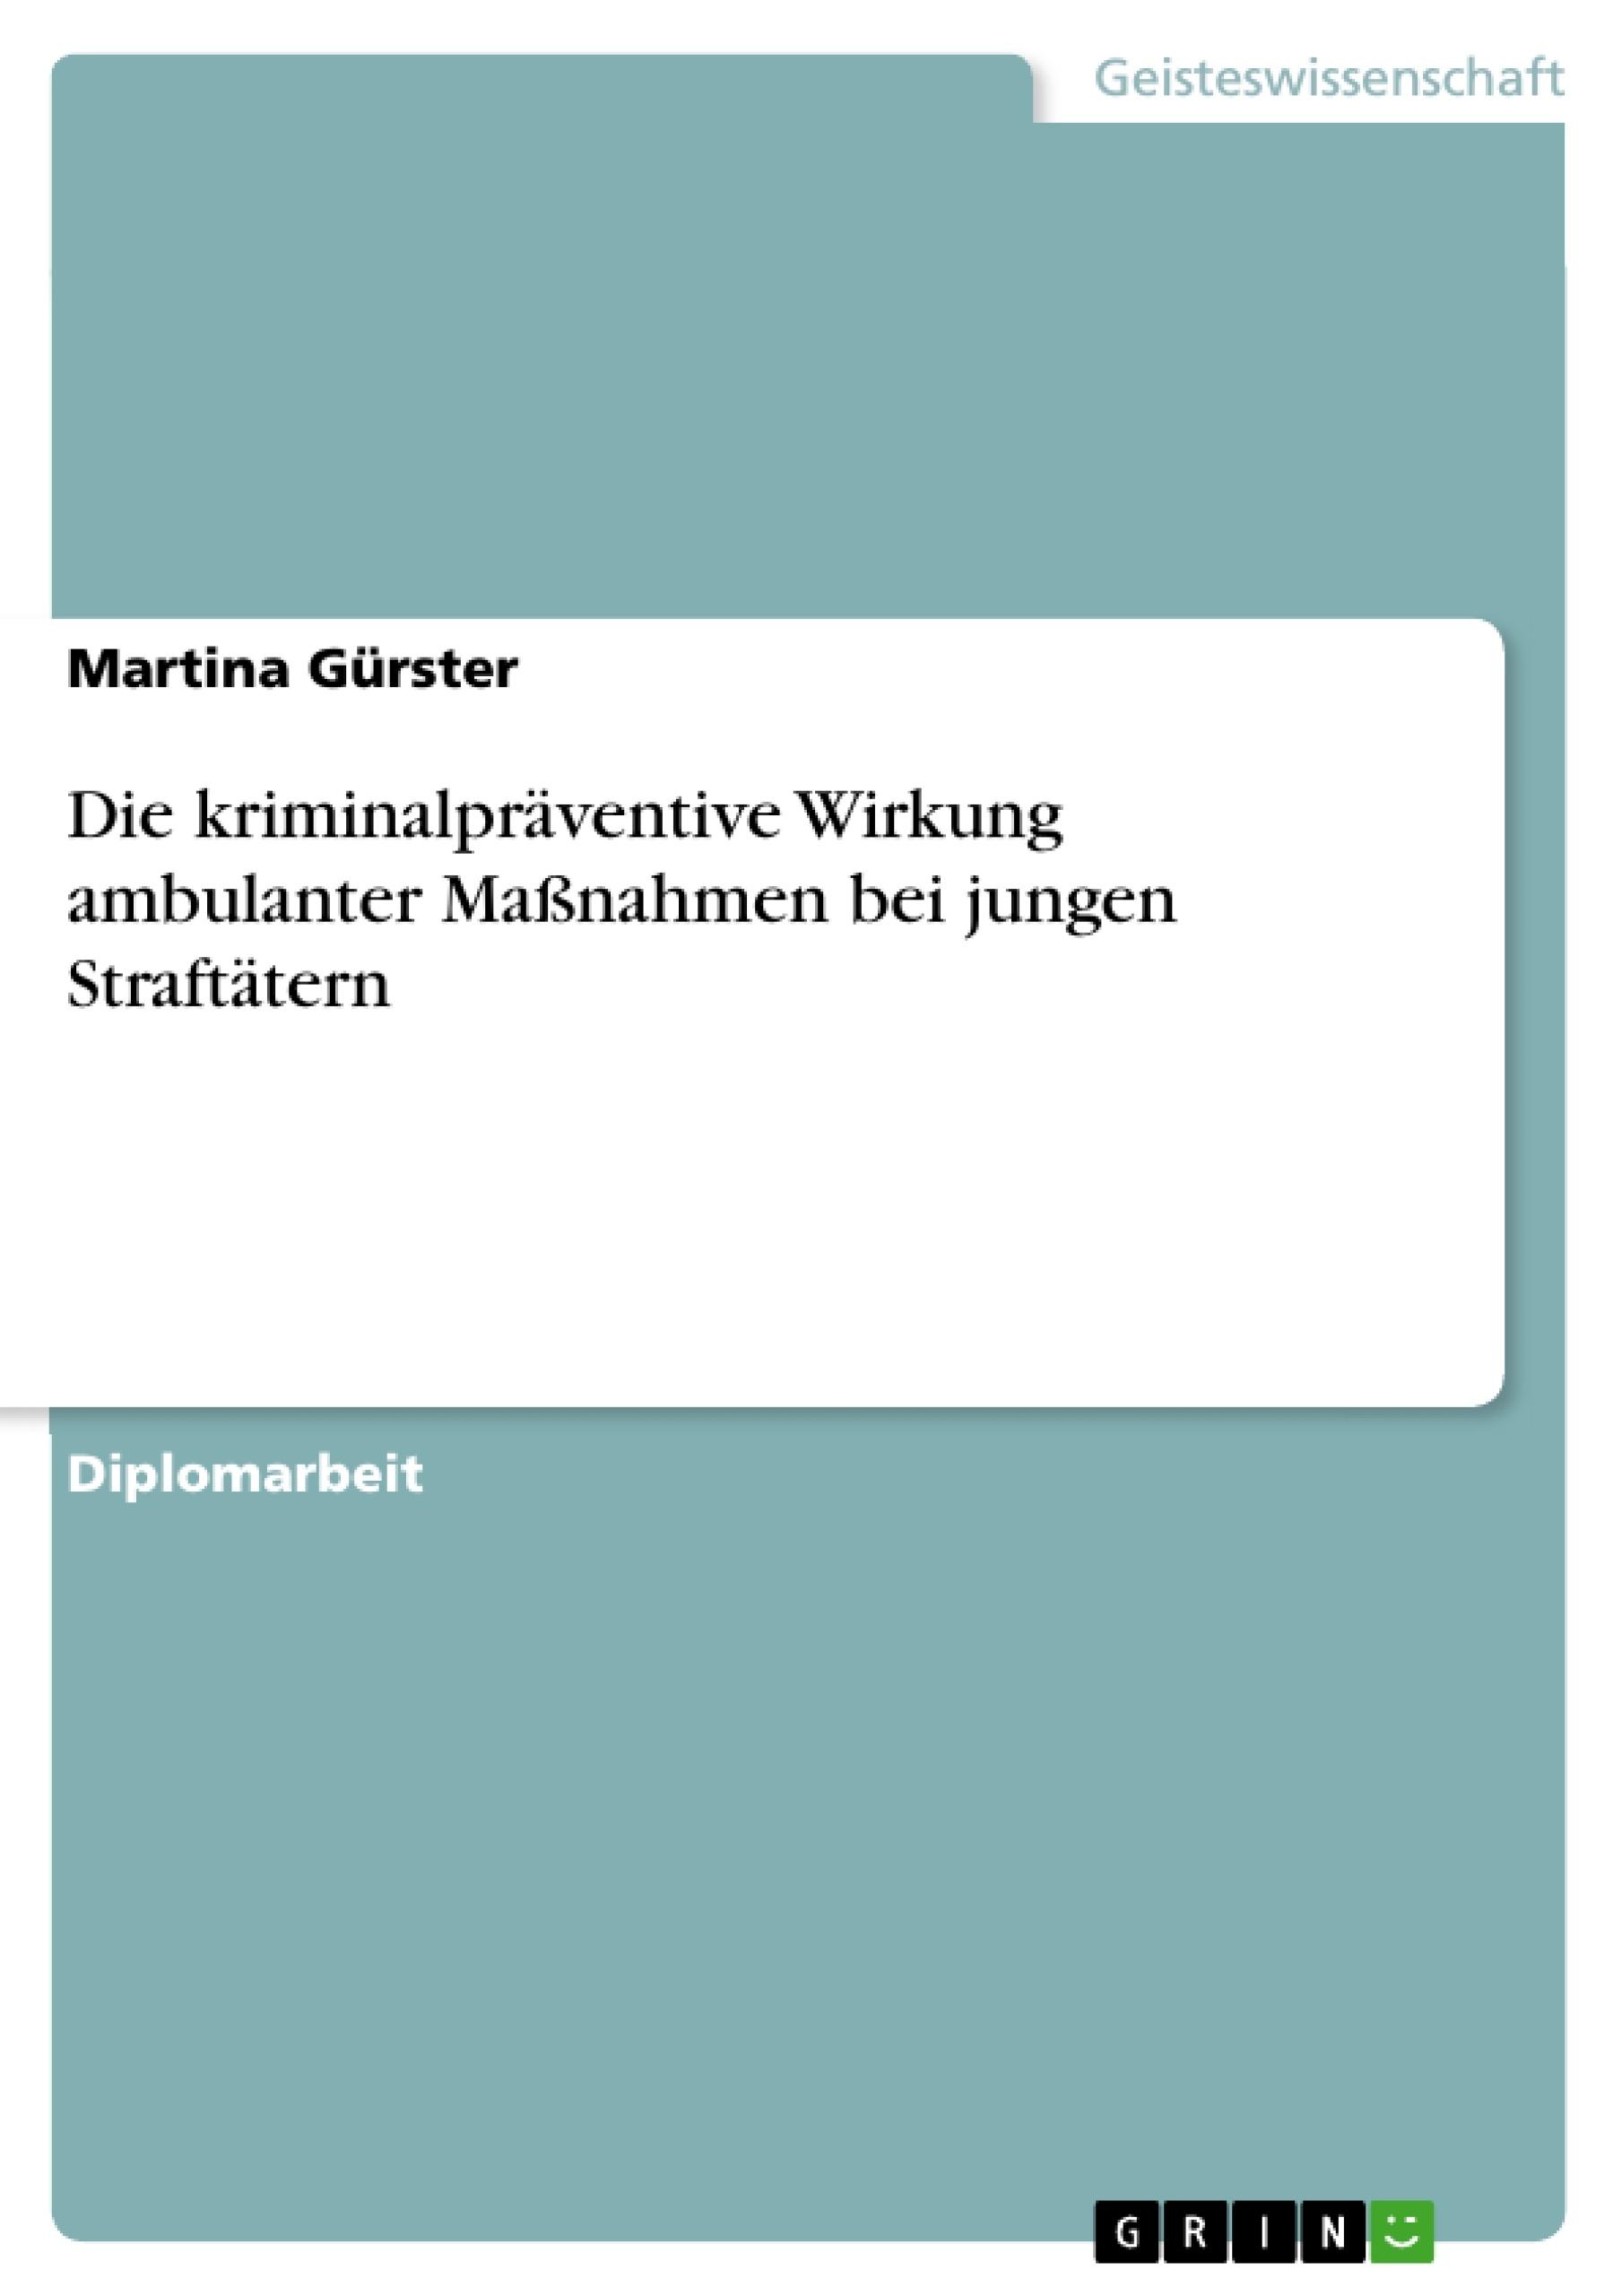 Titel: Die kriminalpräventive Wirkung ambulanter Maßnahmen bei jungen Straftätern